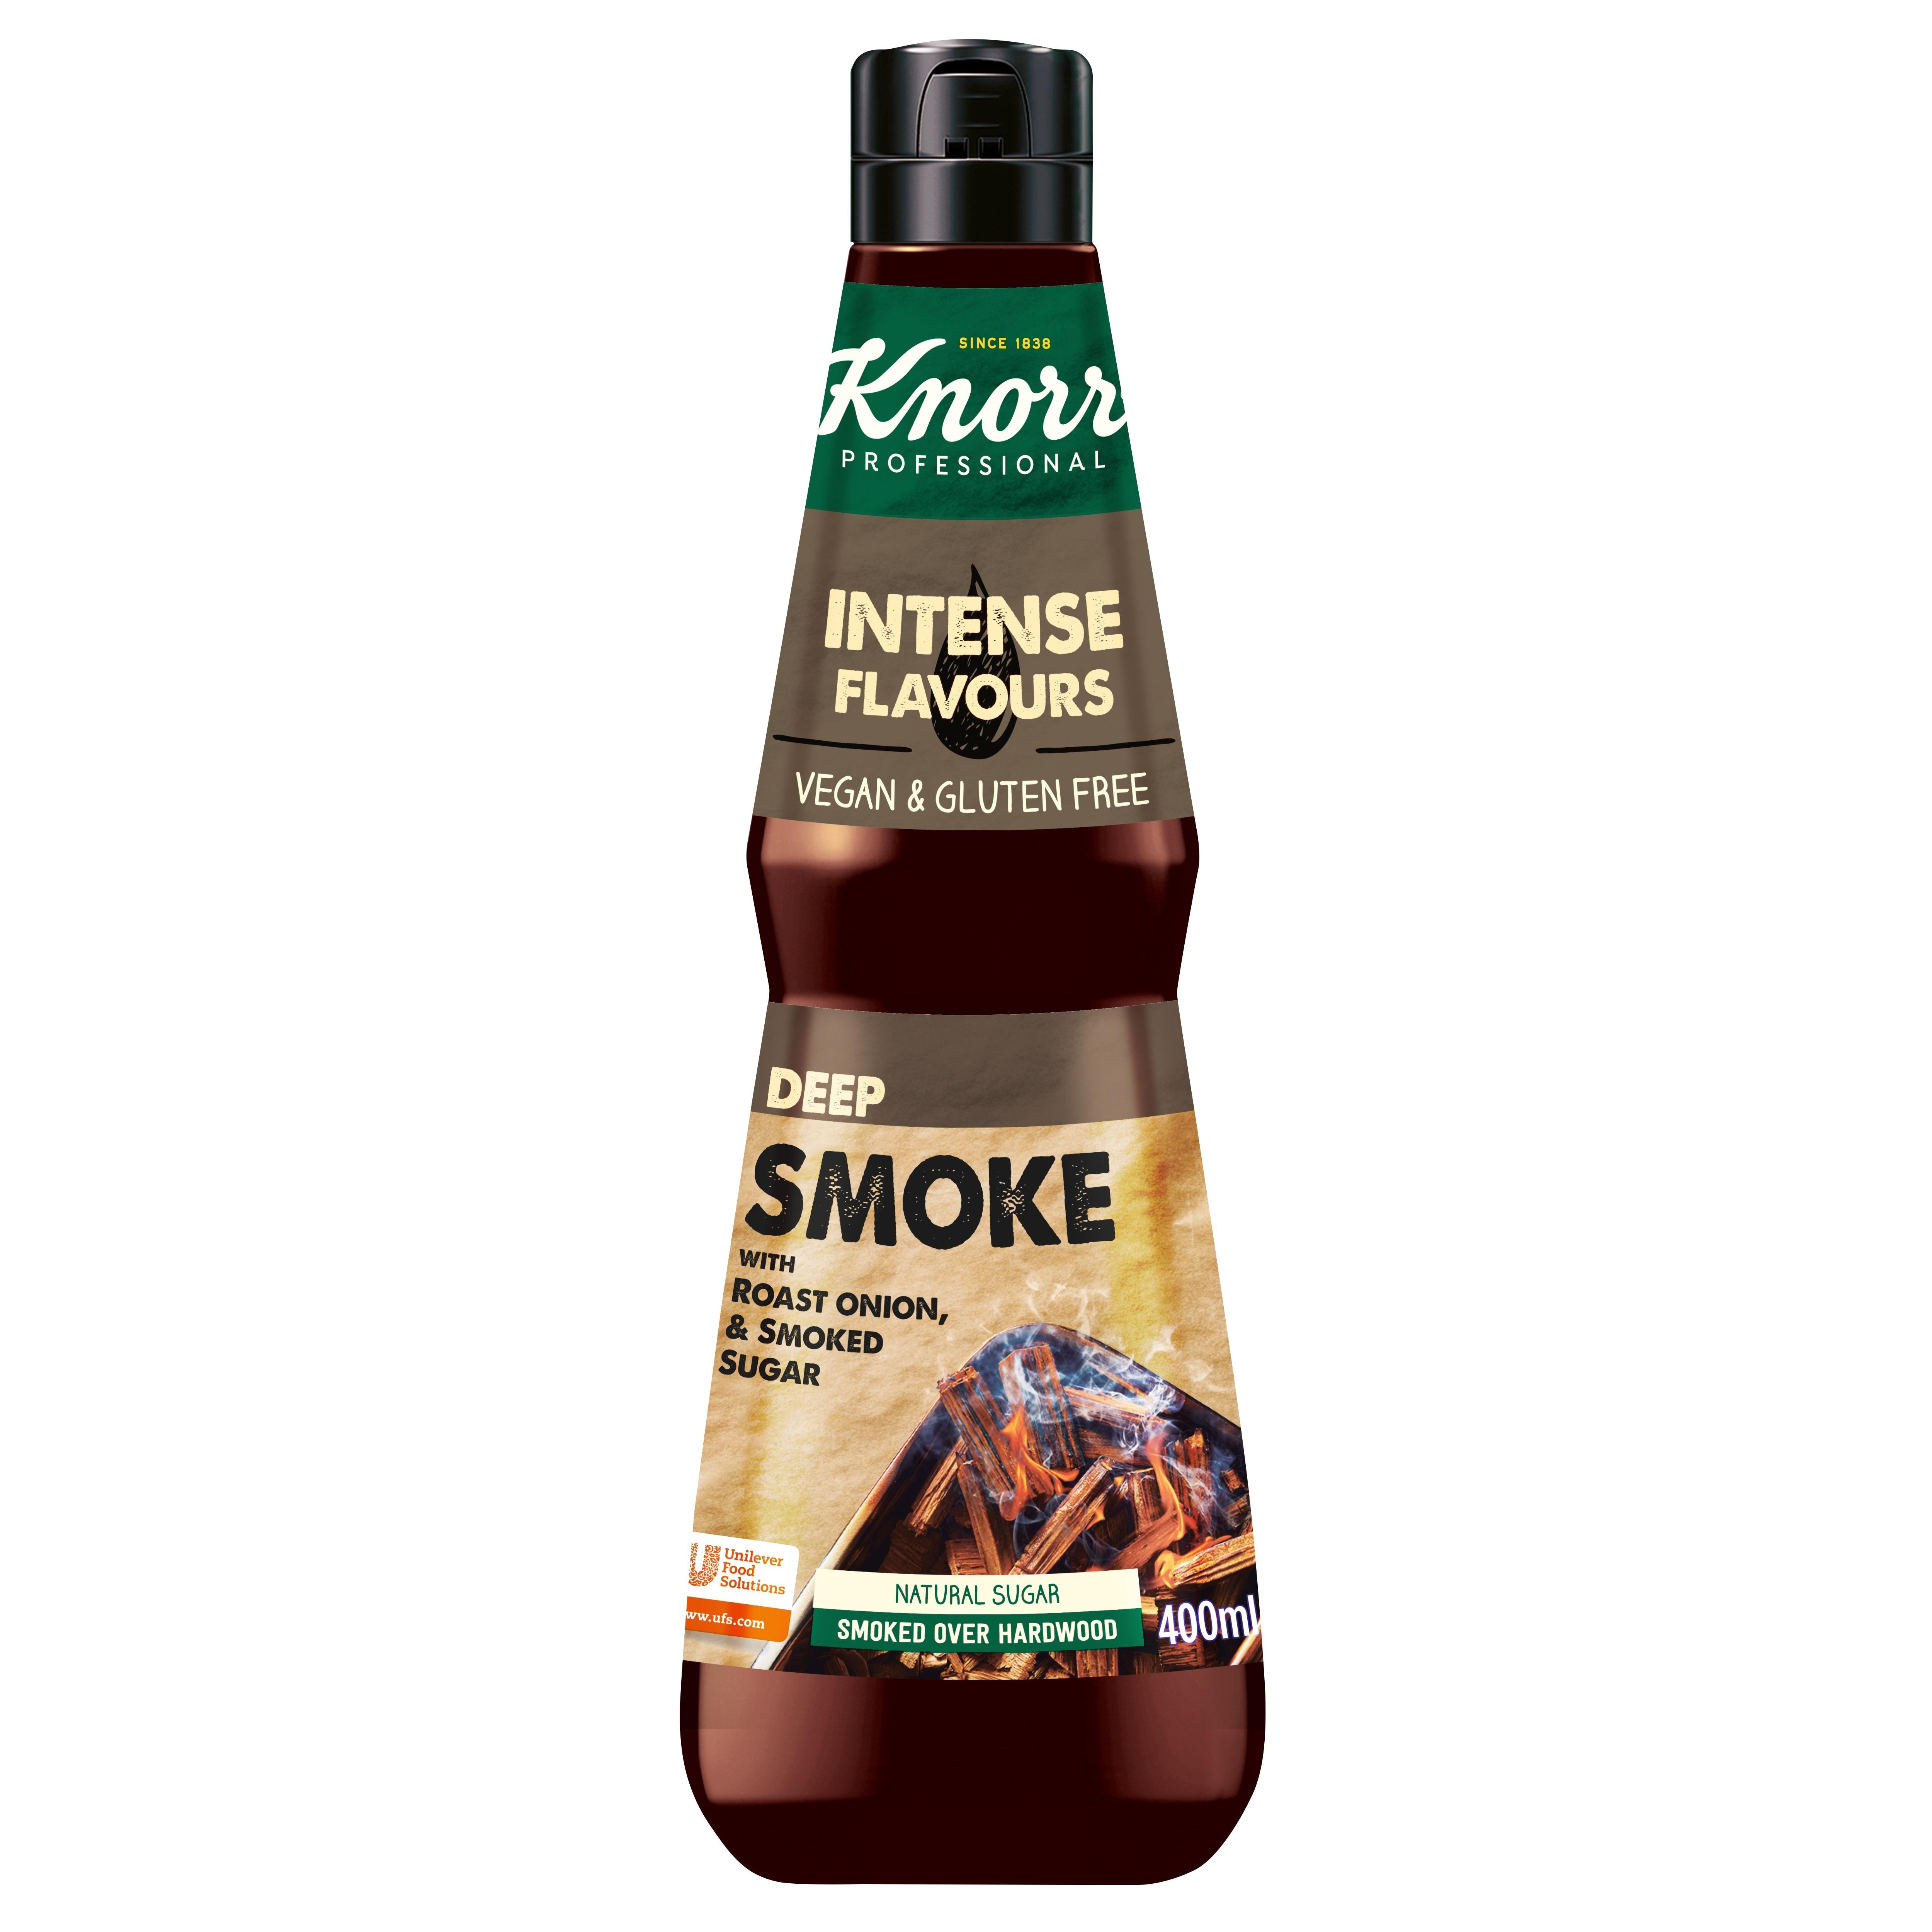 Knorr moč okusa - Deep smoke - aroma dima 400 ml - V plastenko ujete vznemirljive sestavine za fuzijo okusov.